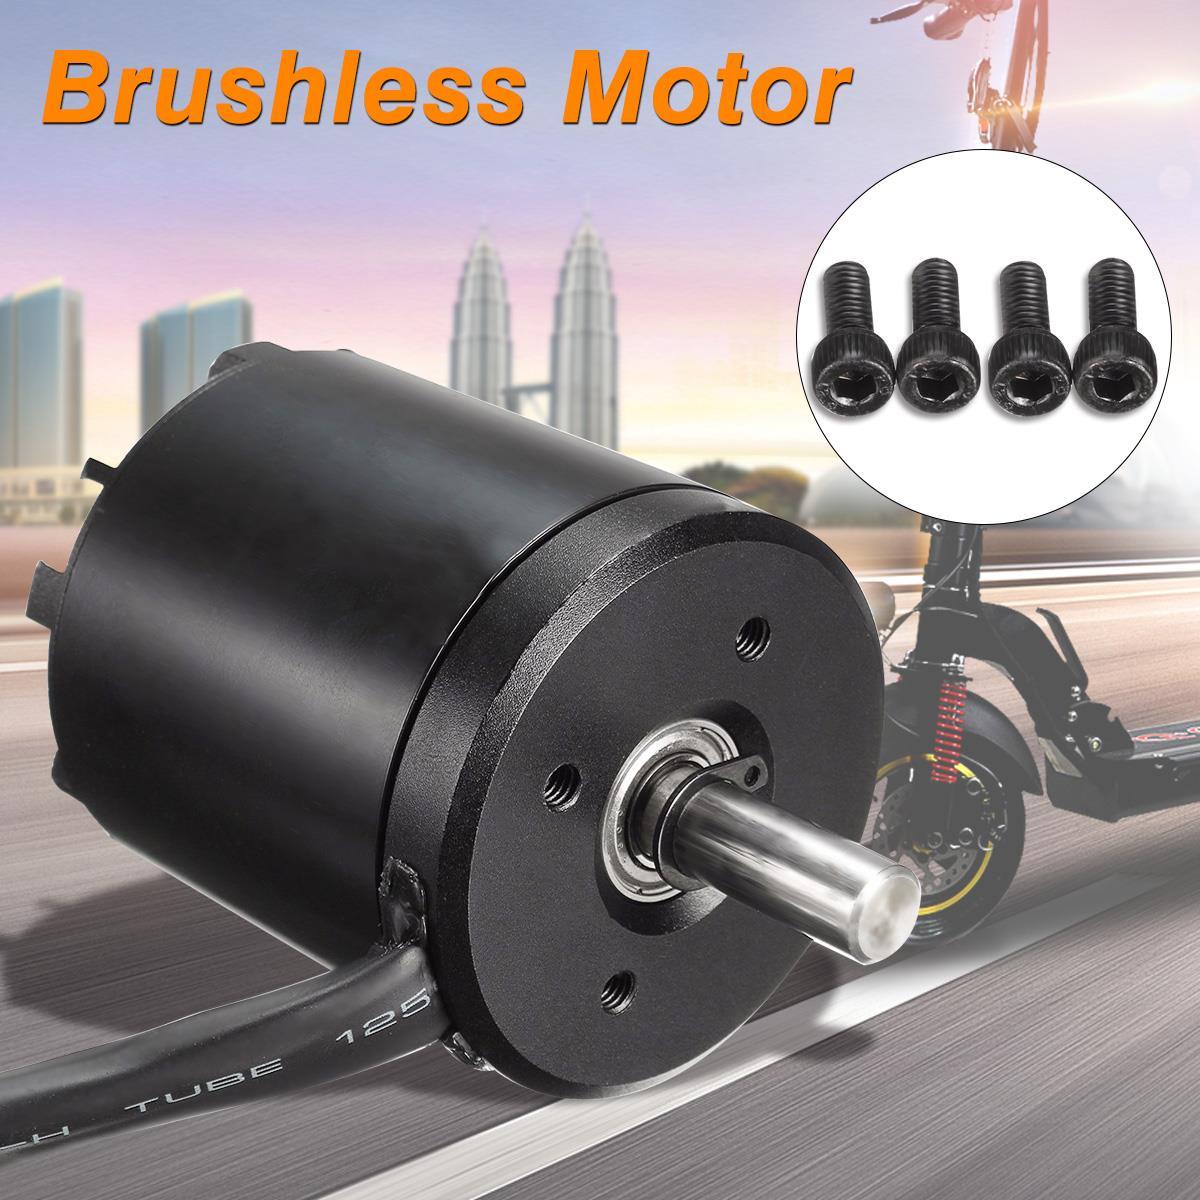 2,6 KG 3-8 S N5065 5065 270KV sin escobillas Sensored de Motor eléctrico para patinar Motor de Scooter Accesorios